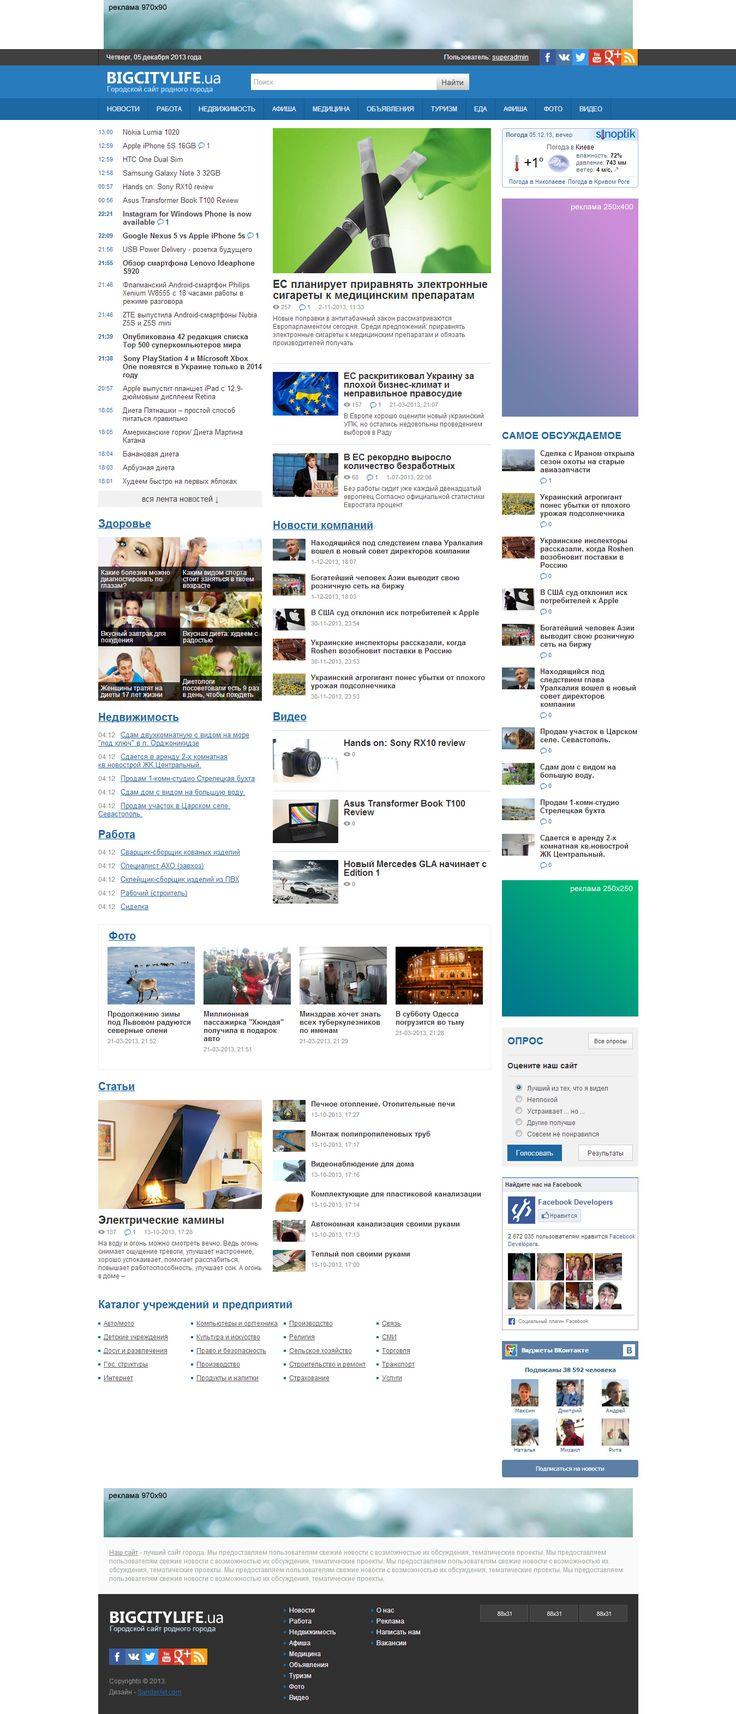 Bigcitylife - новостной шаблон для городского портала на DLE #templates #website #шаблон #сайт #web